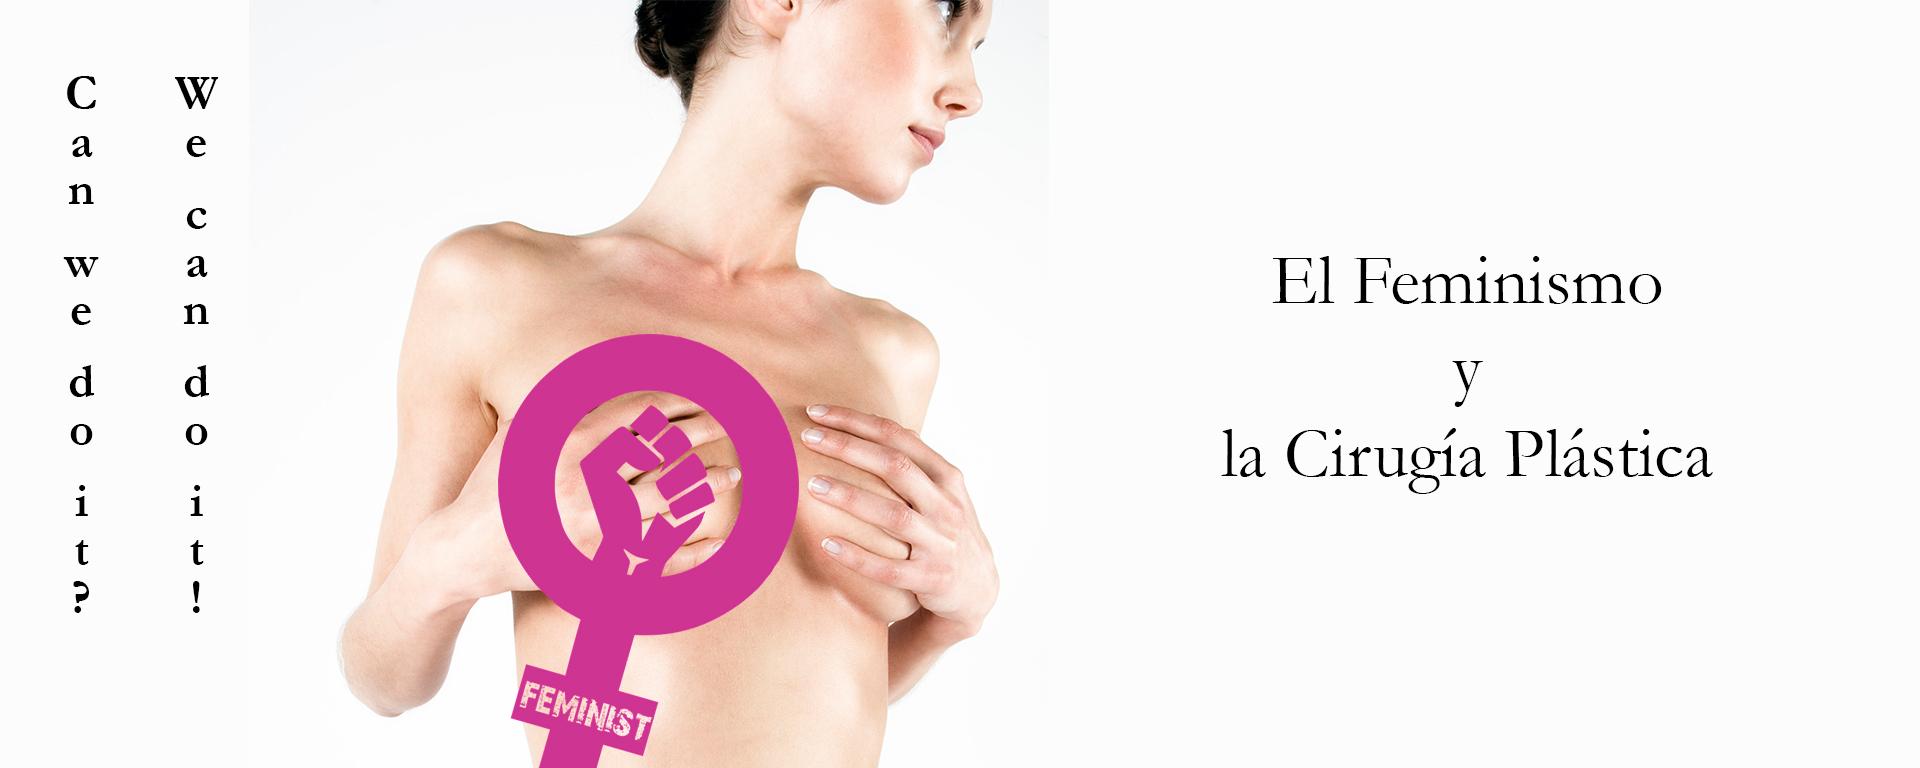 El Feminismo y la Cirugía Plástica